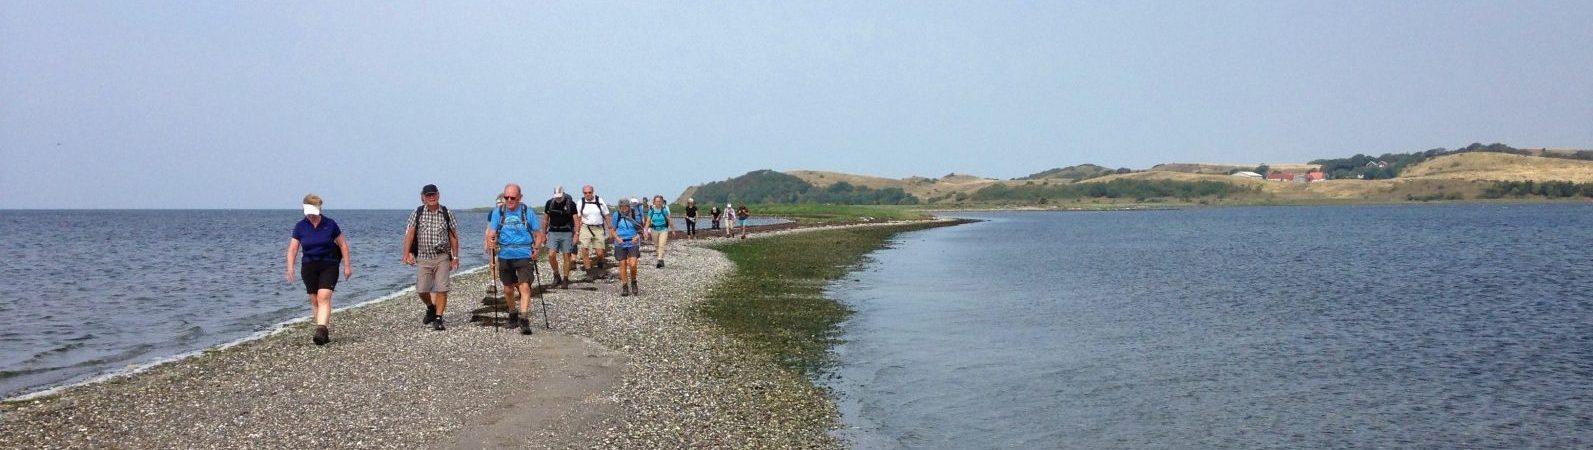 Vand, strand og vand Nekselø Foto Lis Mejlby